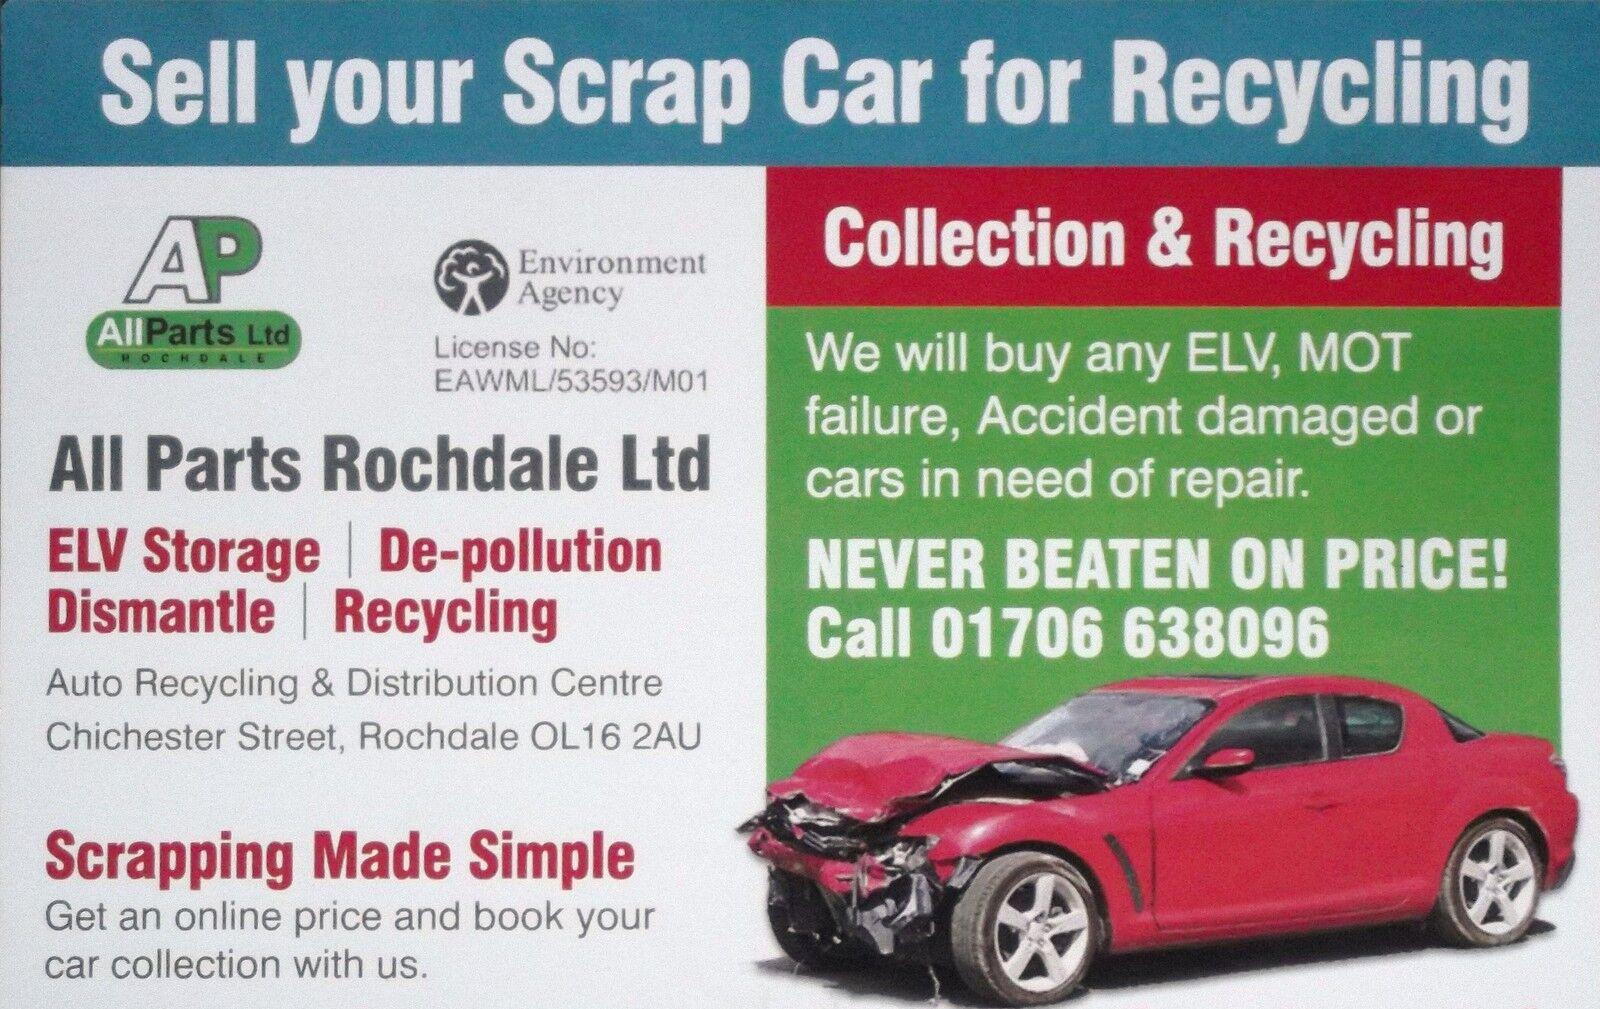 Items in Allparts Rochdale Ltd shop on eBay.